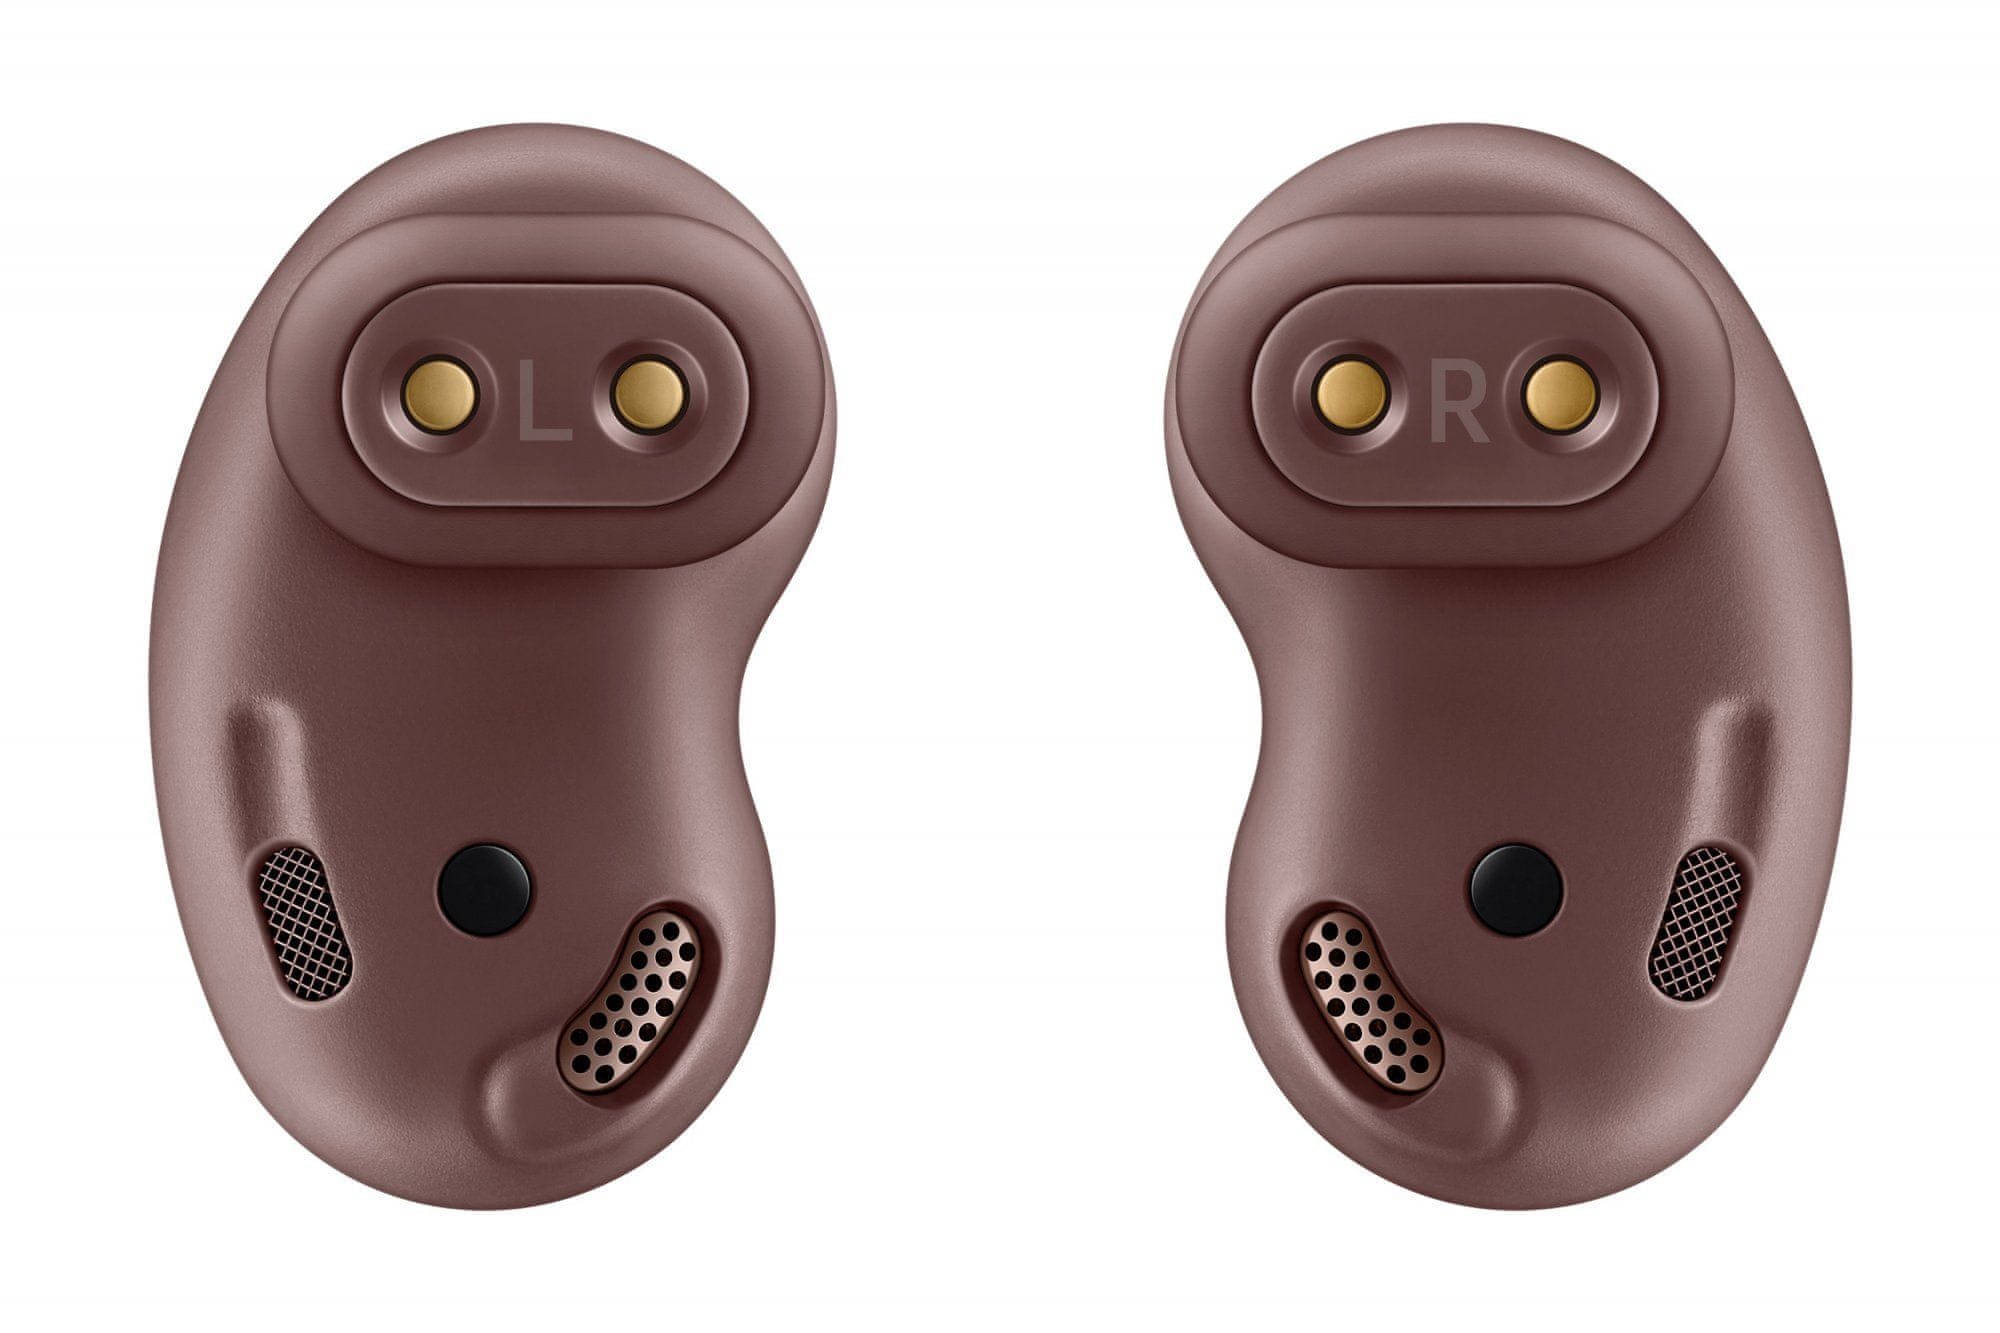 bezdrátová sluchátka Samsung Galaxy Buds Live hands-free telefonní hovory vestavěný mikrofon srozumitelný přenos hlasu